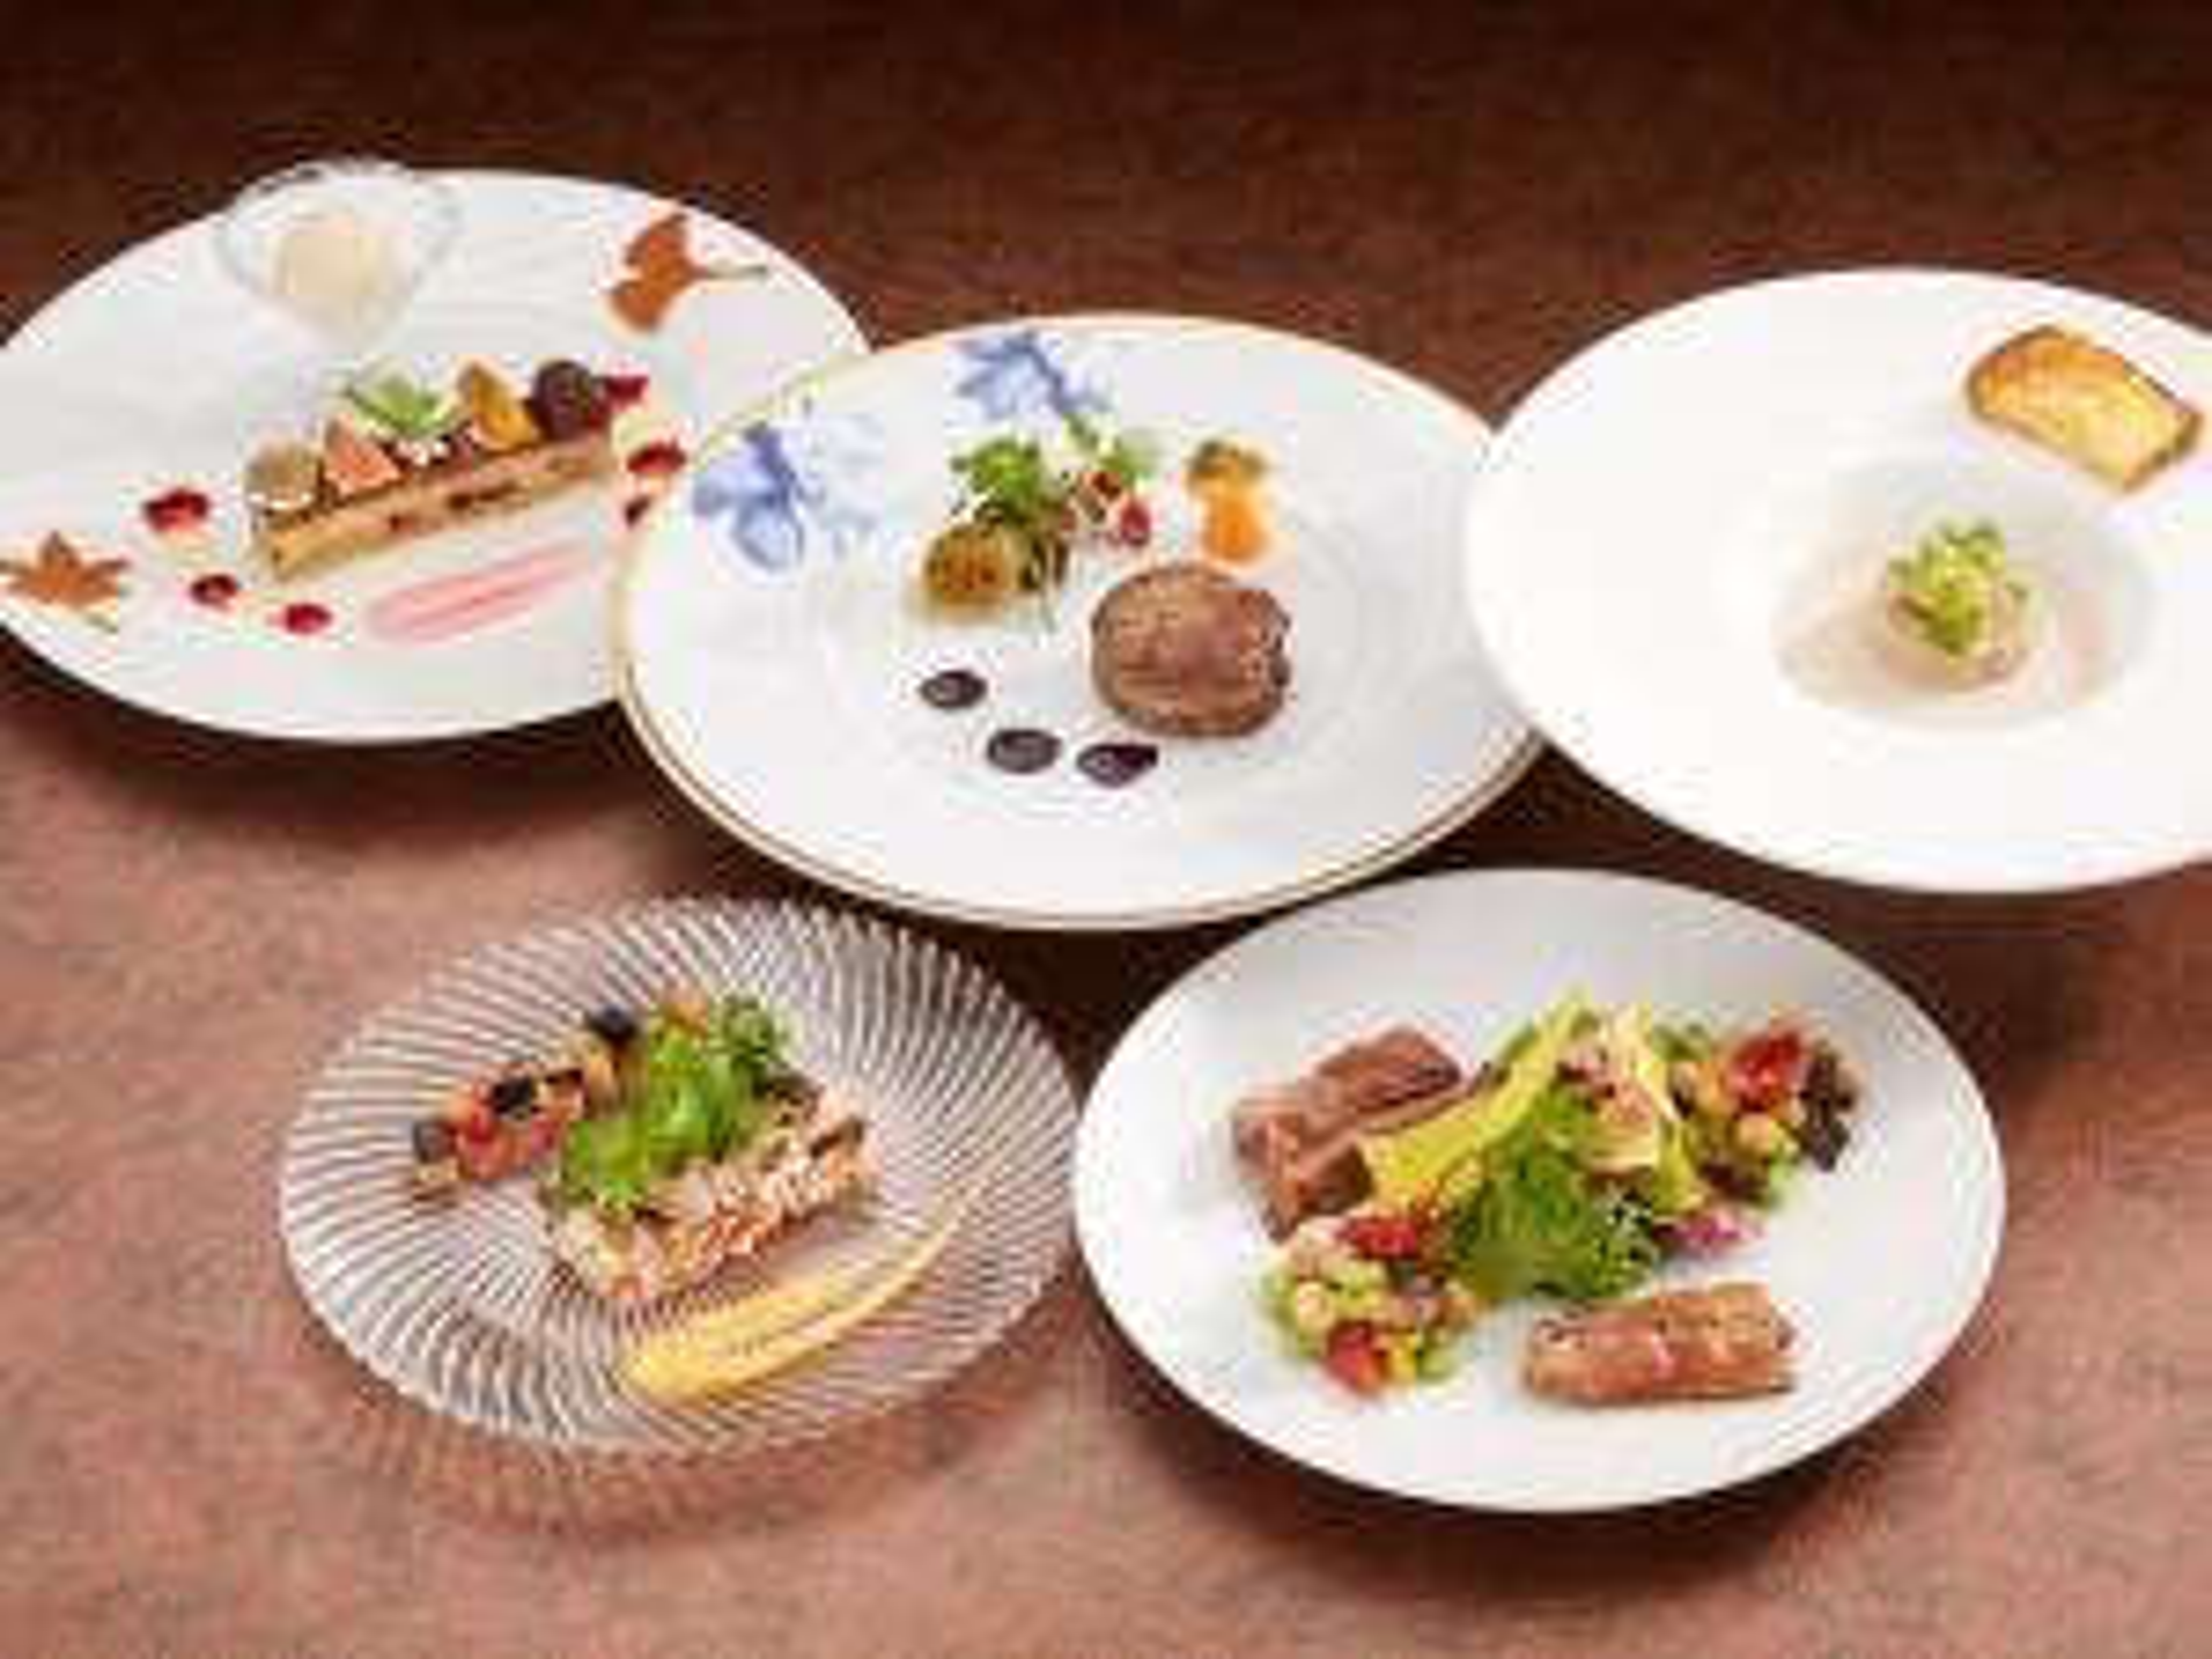 【シーズンセレクション】夕食は伝統のフレンチ又は日本料理